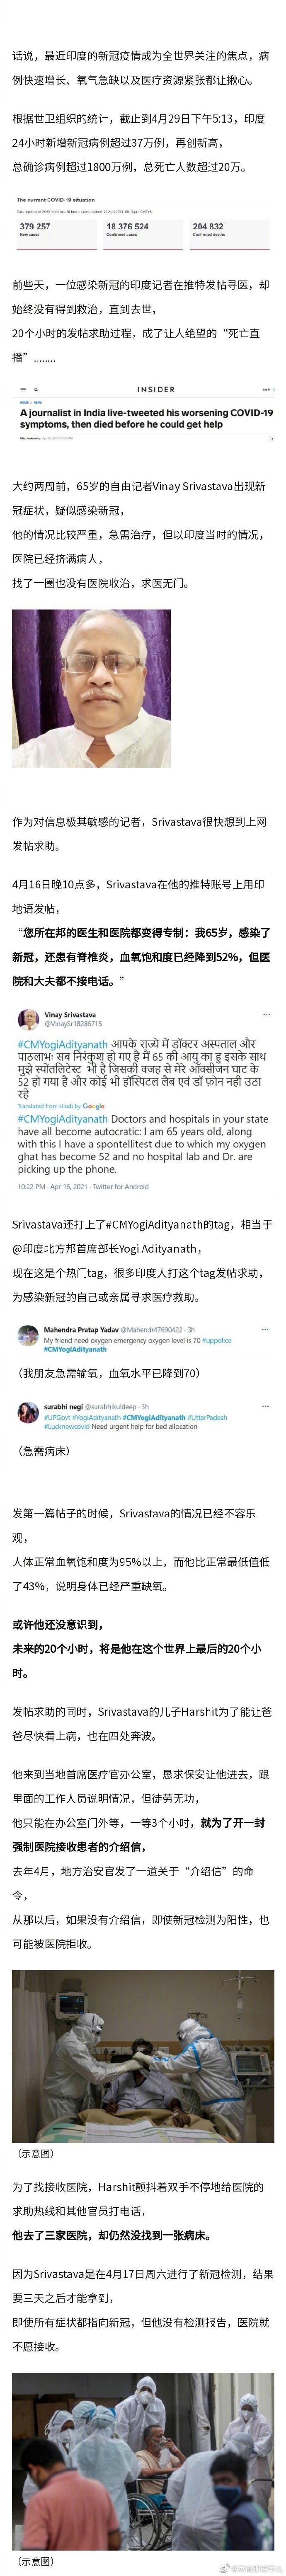 """印度记者感染新冠却被医院拒收,他的一篇篇求助帖,成了绝望的""""死亡直播"""""""